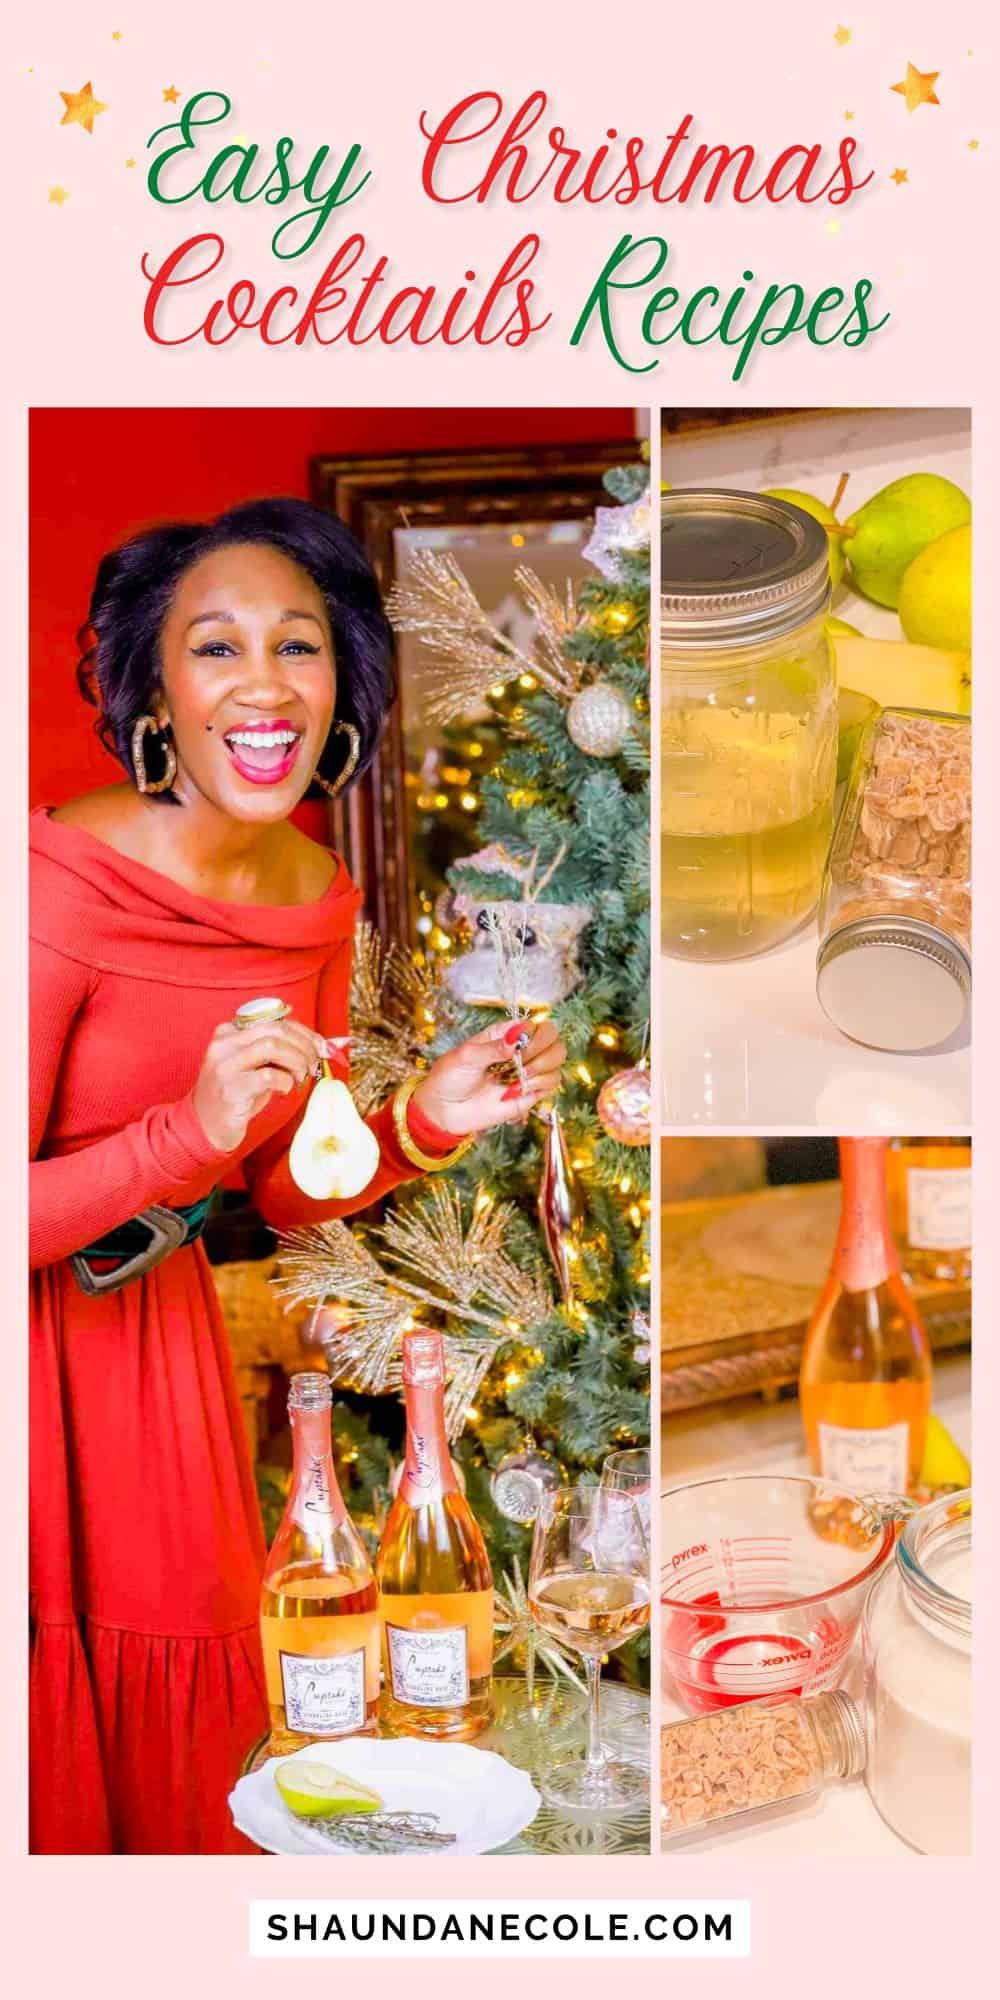 Easy Christmas Cocktails Recipes